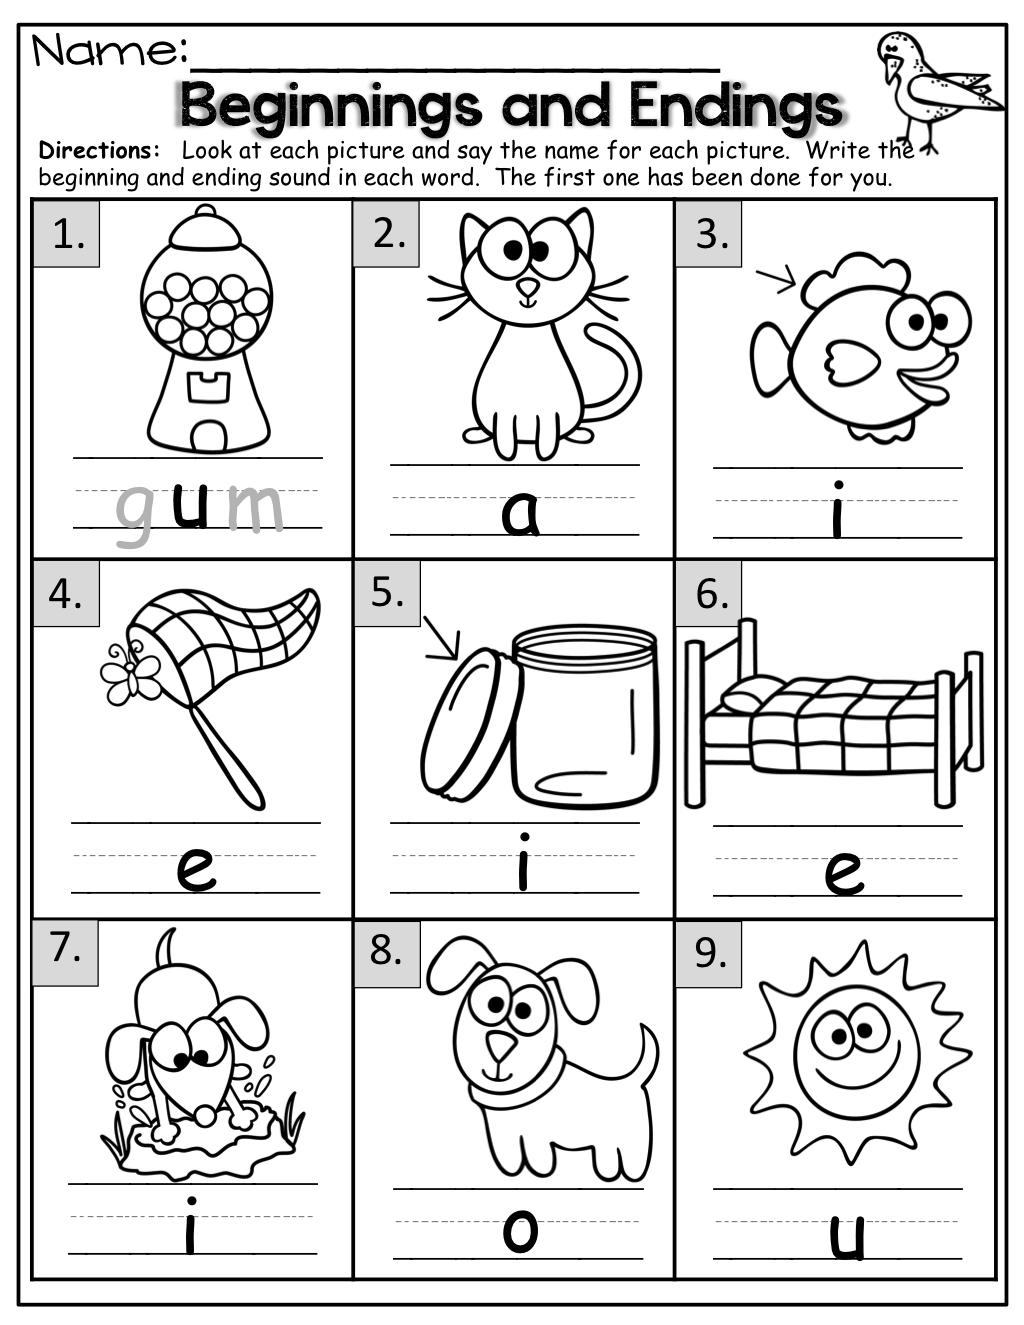 Math Worksheets Beginning Sound For Kindergarten And Ending Sounds